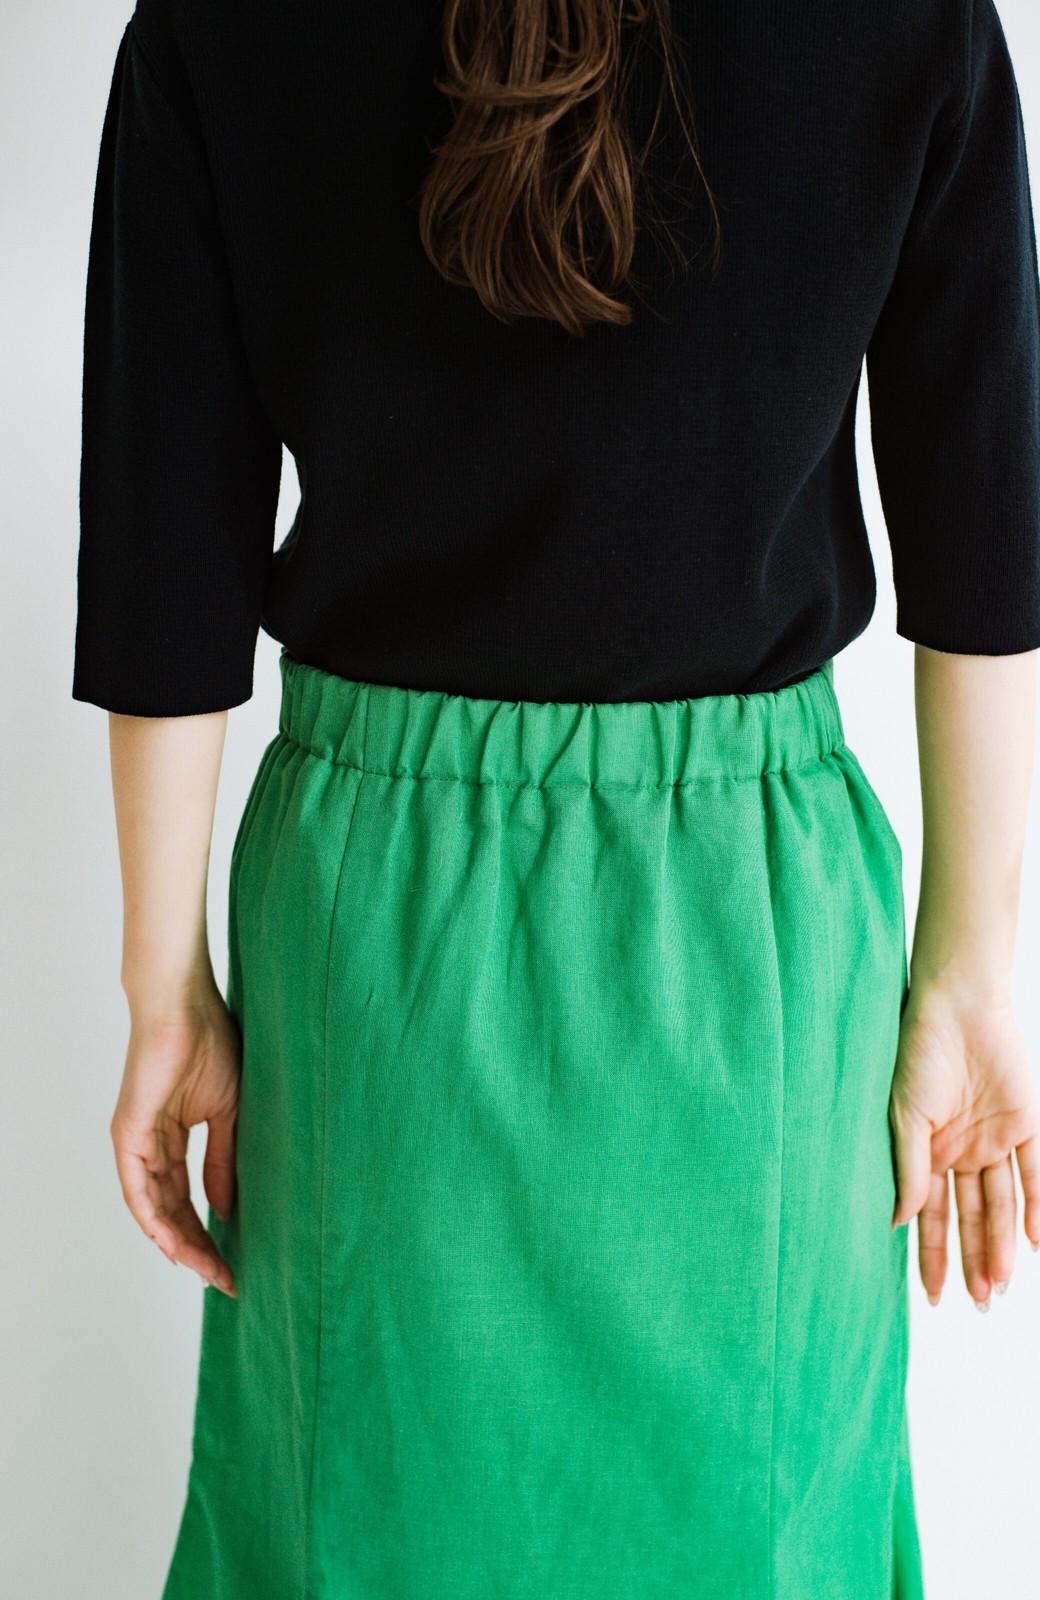 haco! 時間のない朝にもパッと出かけられる!元気が出るきれい色スカートにちょうどいいロゴTシャツを合わせておいた作り置きコーデセット by que made me <その他>の商品写真21